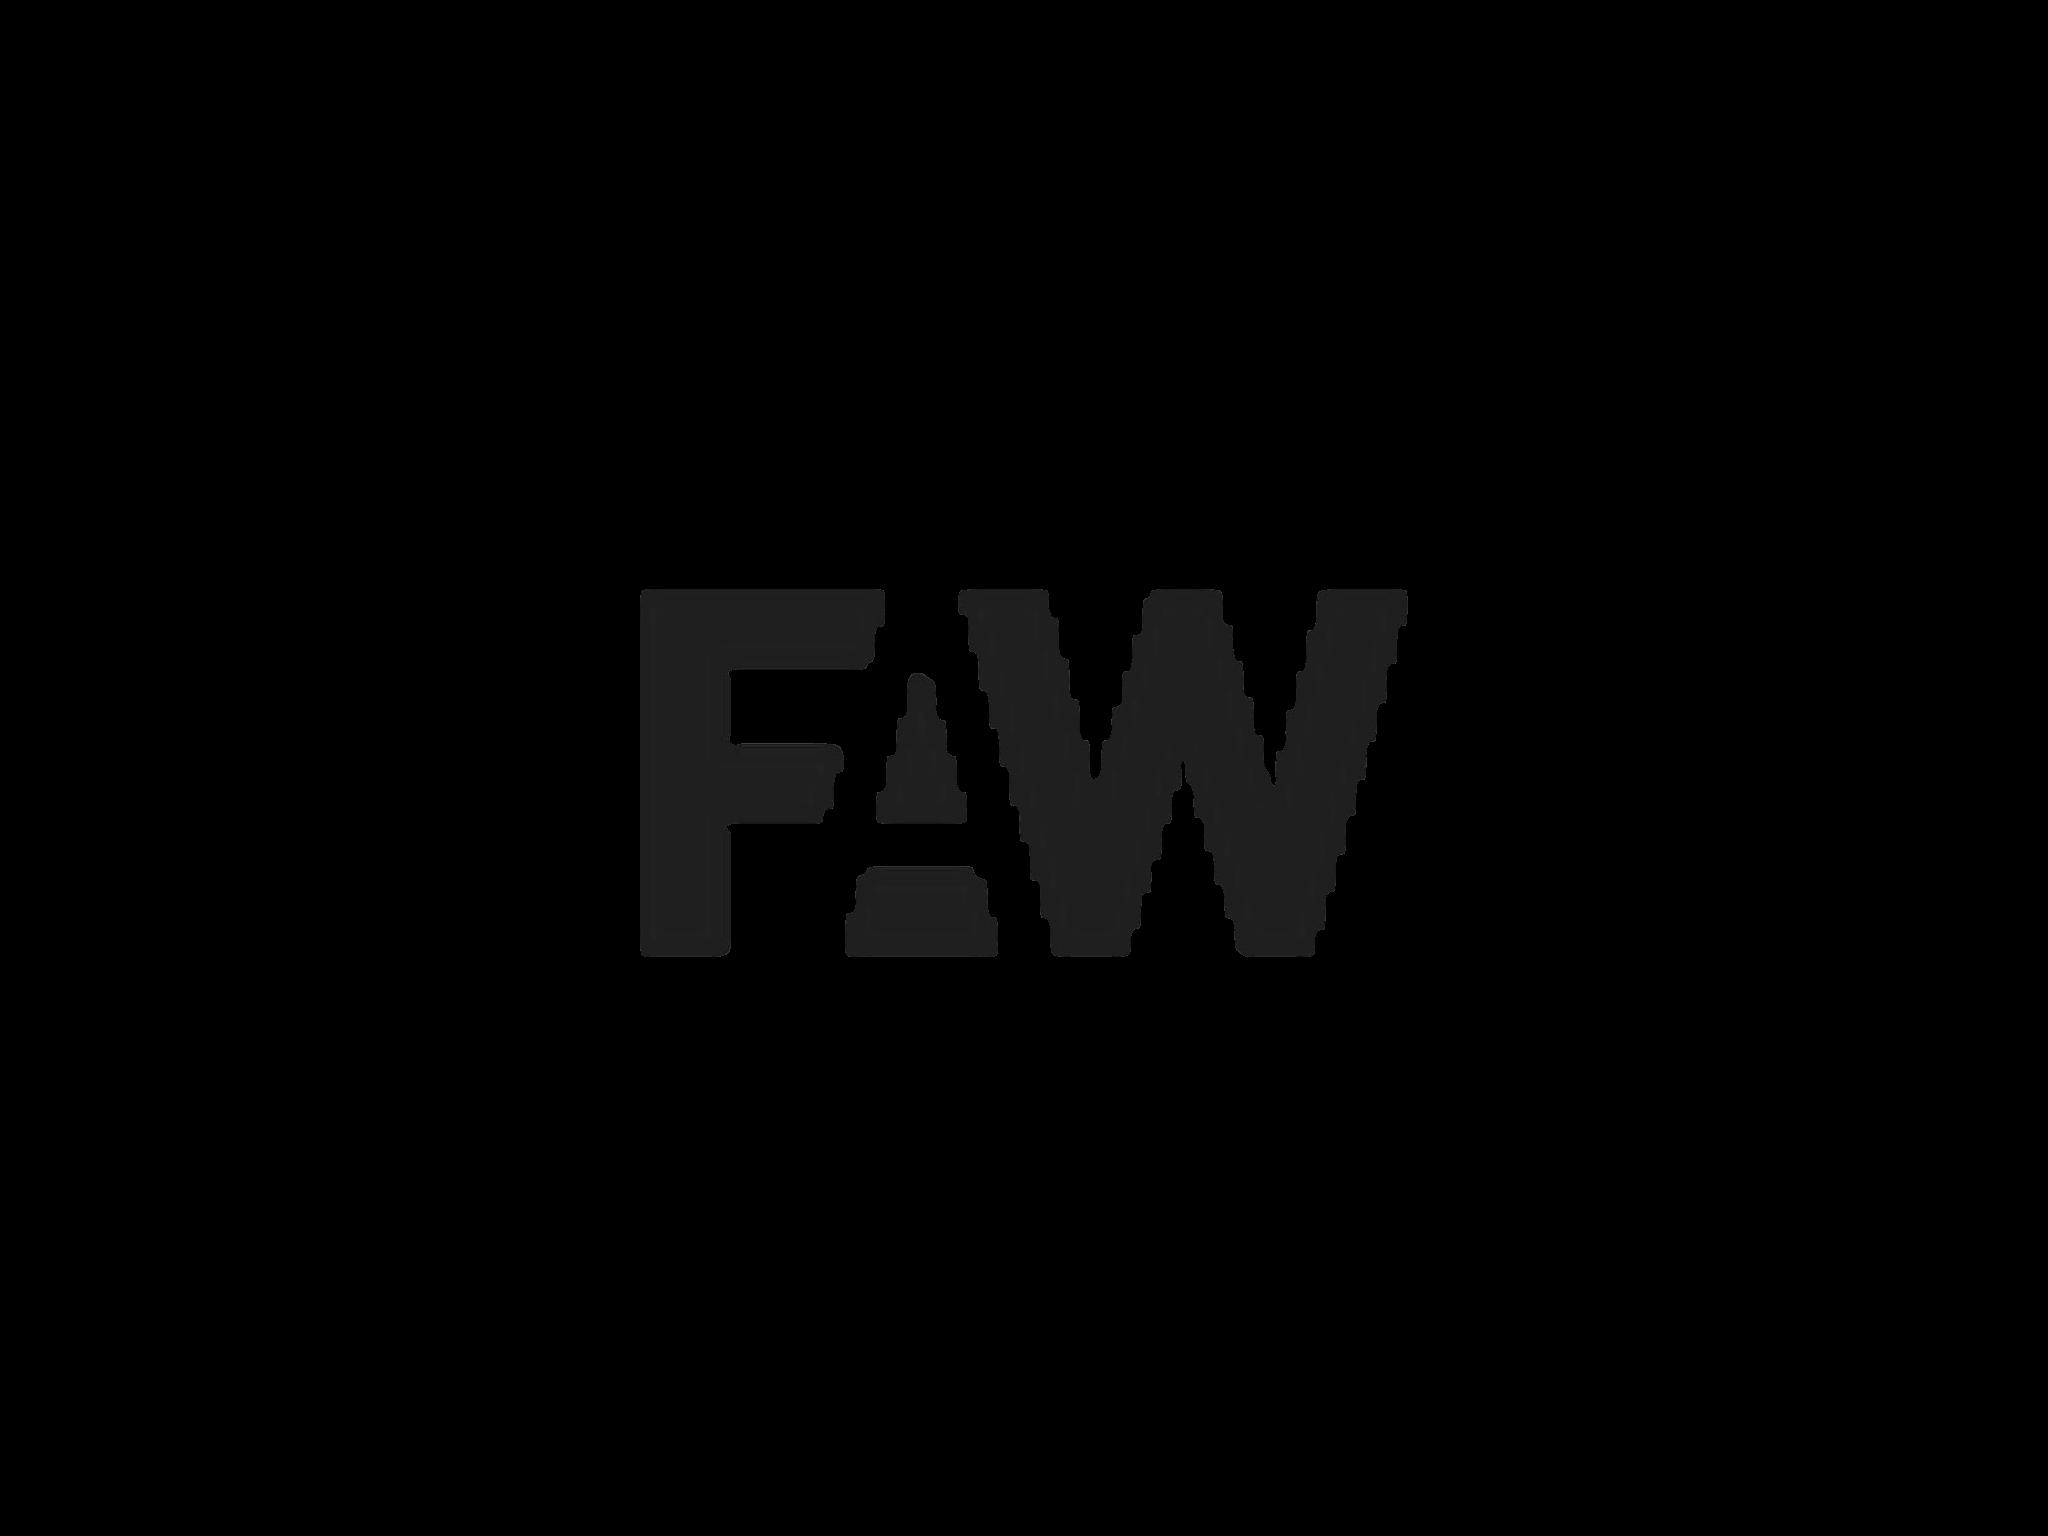 future-audio-workshop-logo